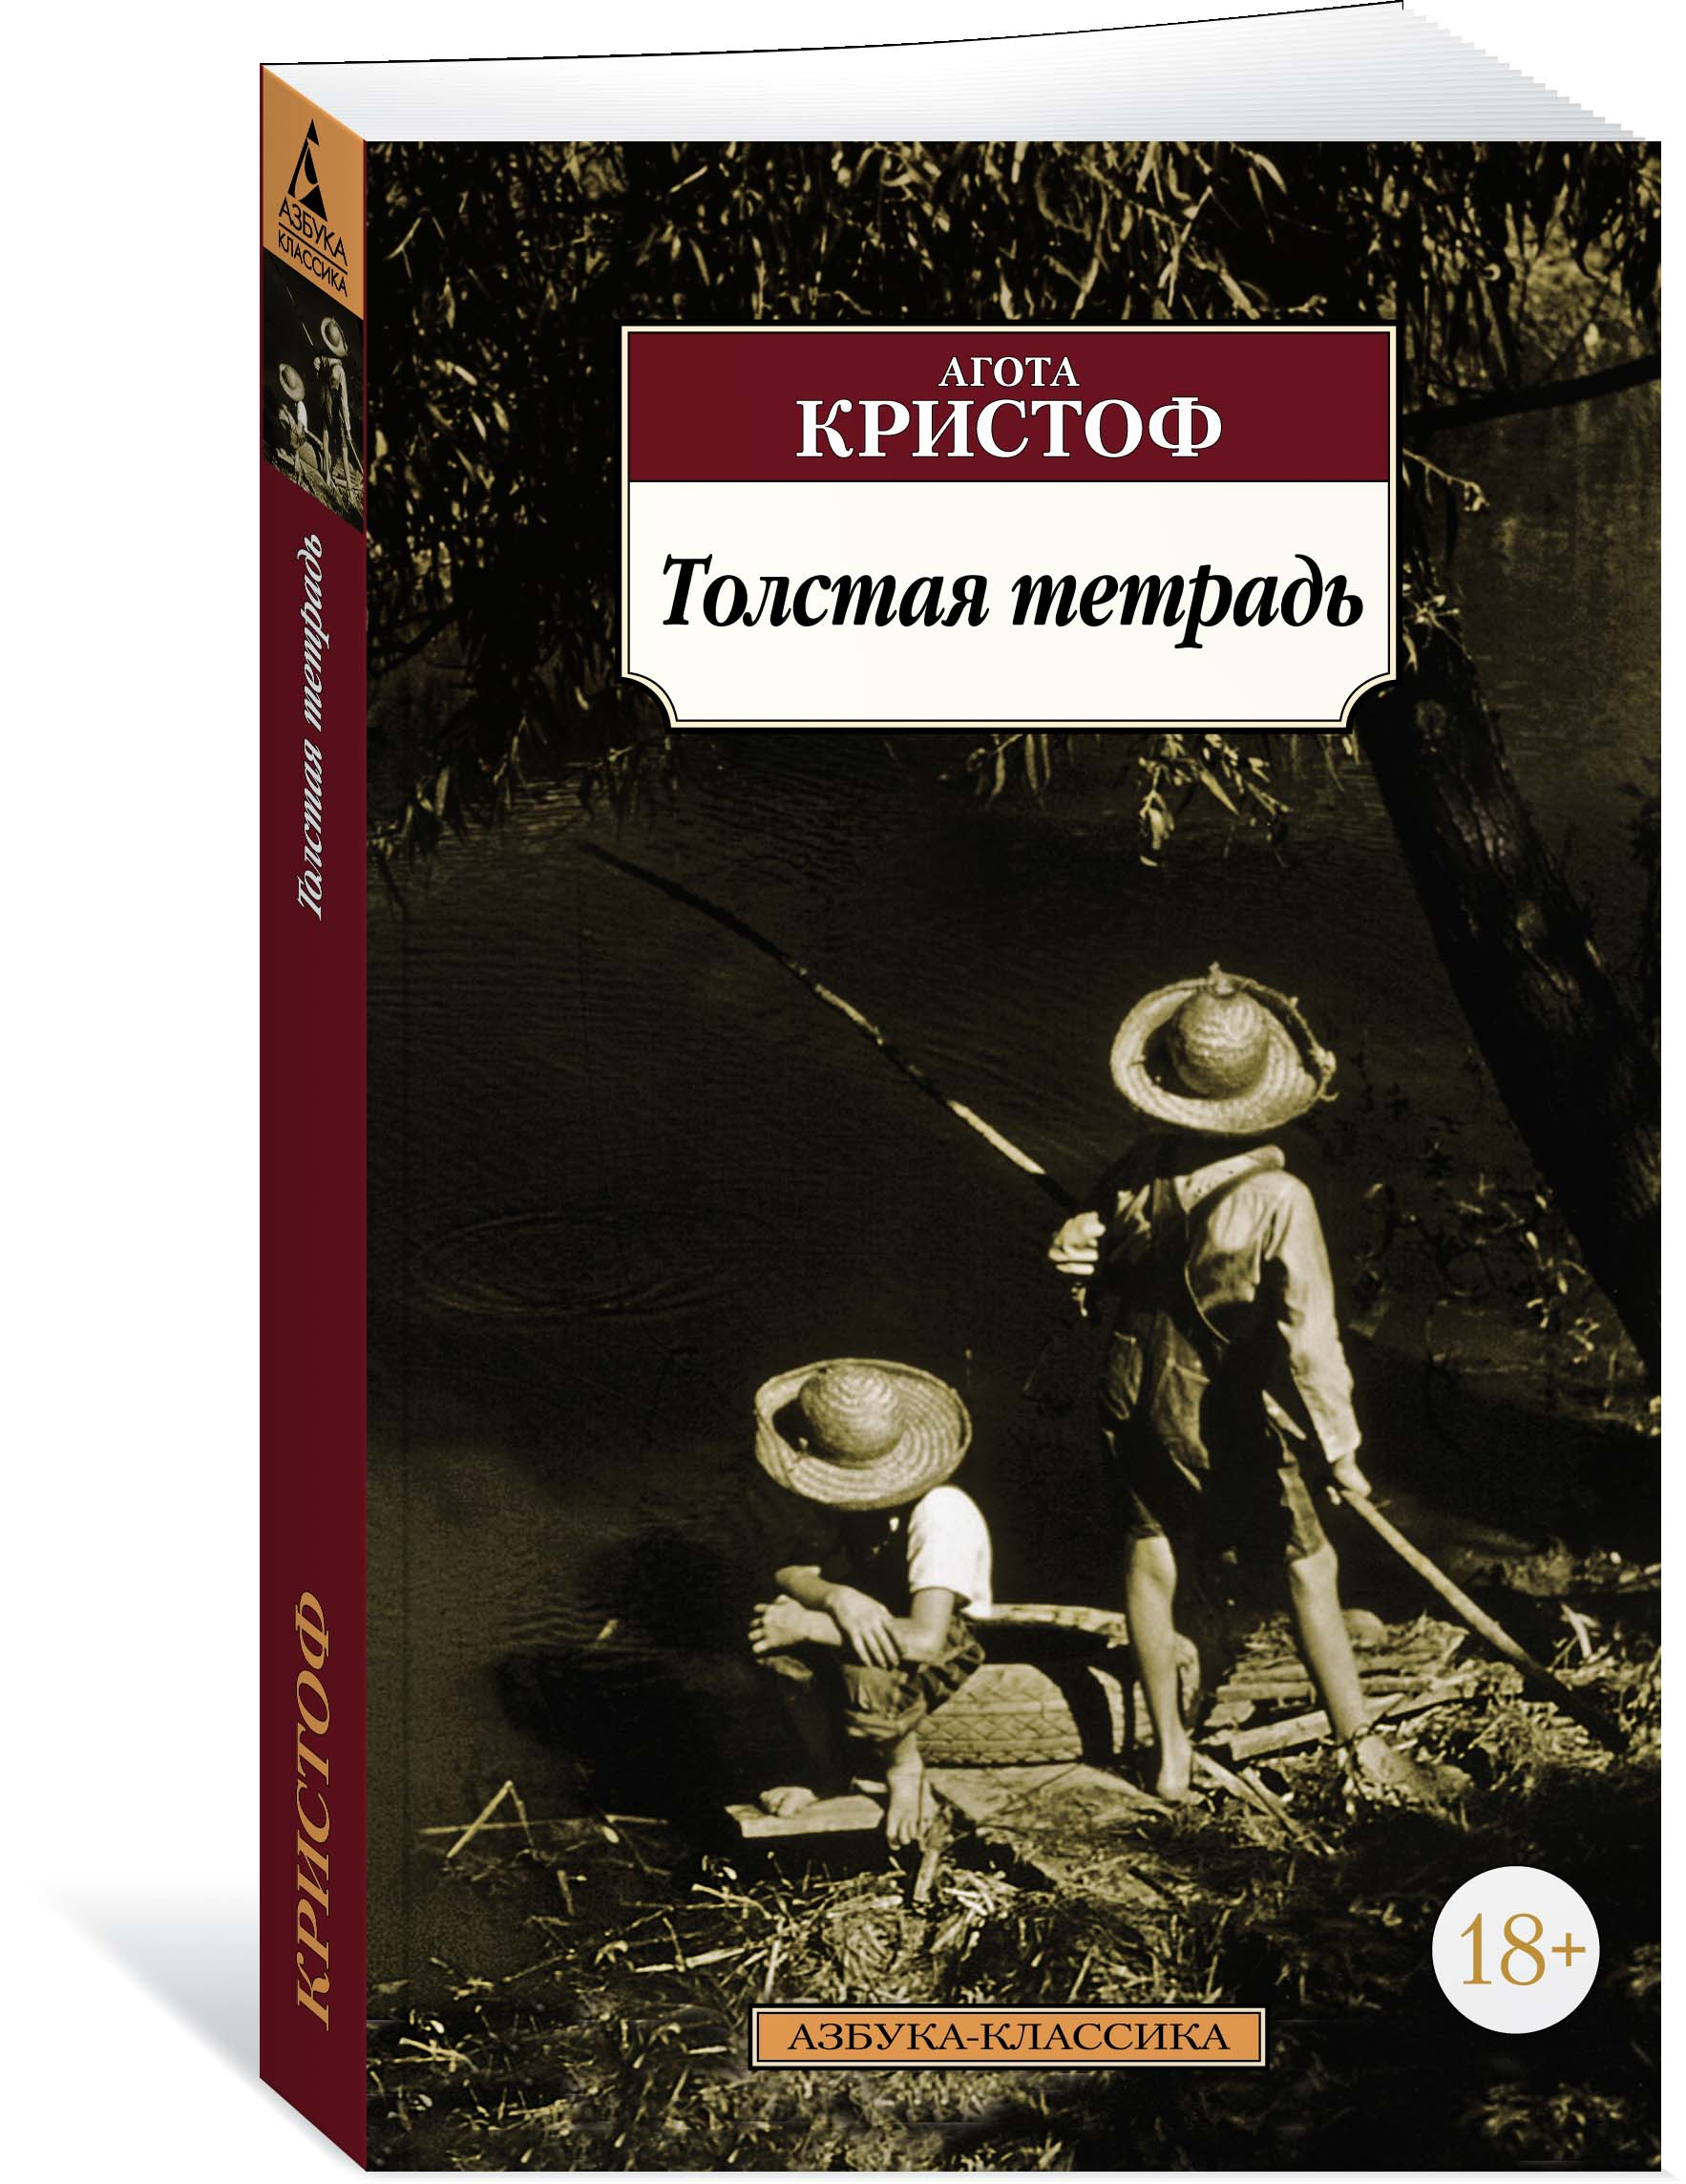 Агота Кристоф Толстая тетрадь как дом в деревне на мат капиталл